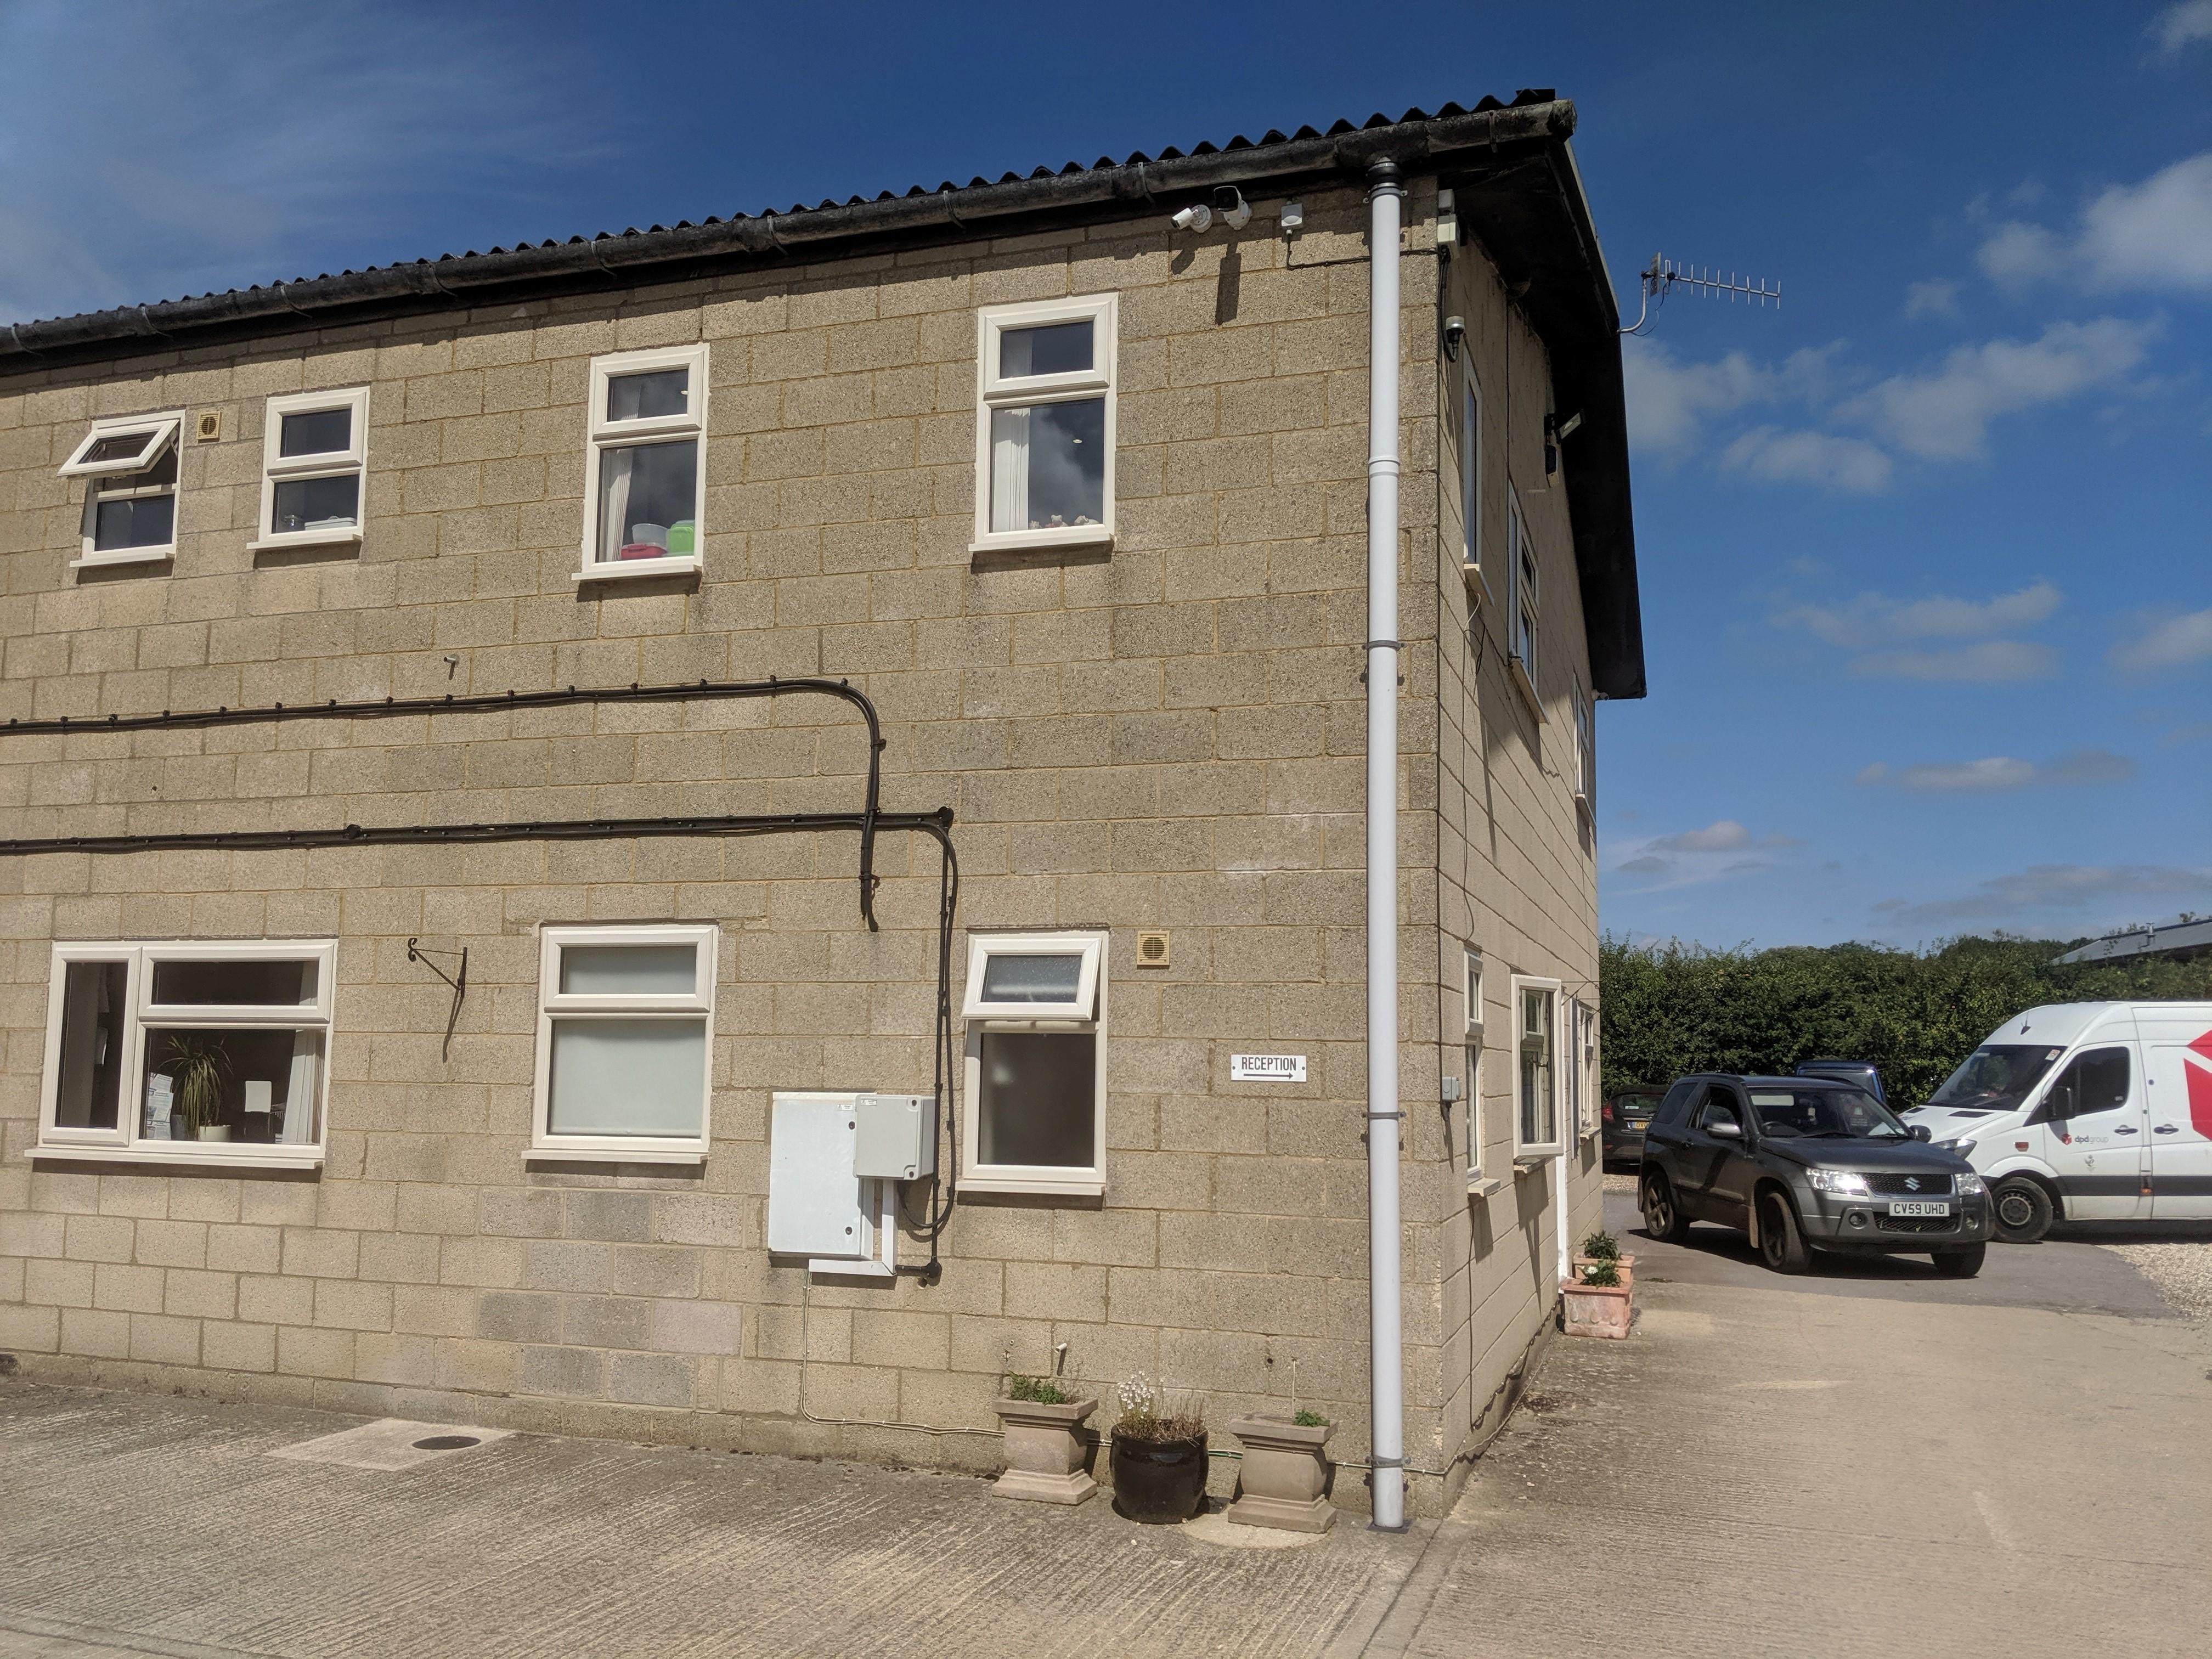 Bourton Vale Equine Clinic - Cheltenham, Gloucestershire GL54 2EX - 01451 820137 | ShowMeLocal.com